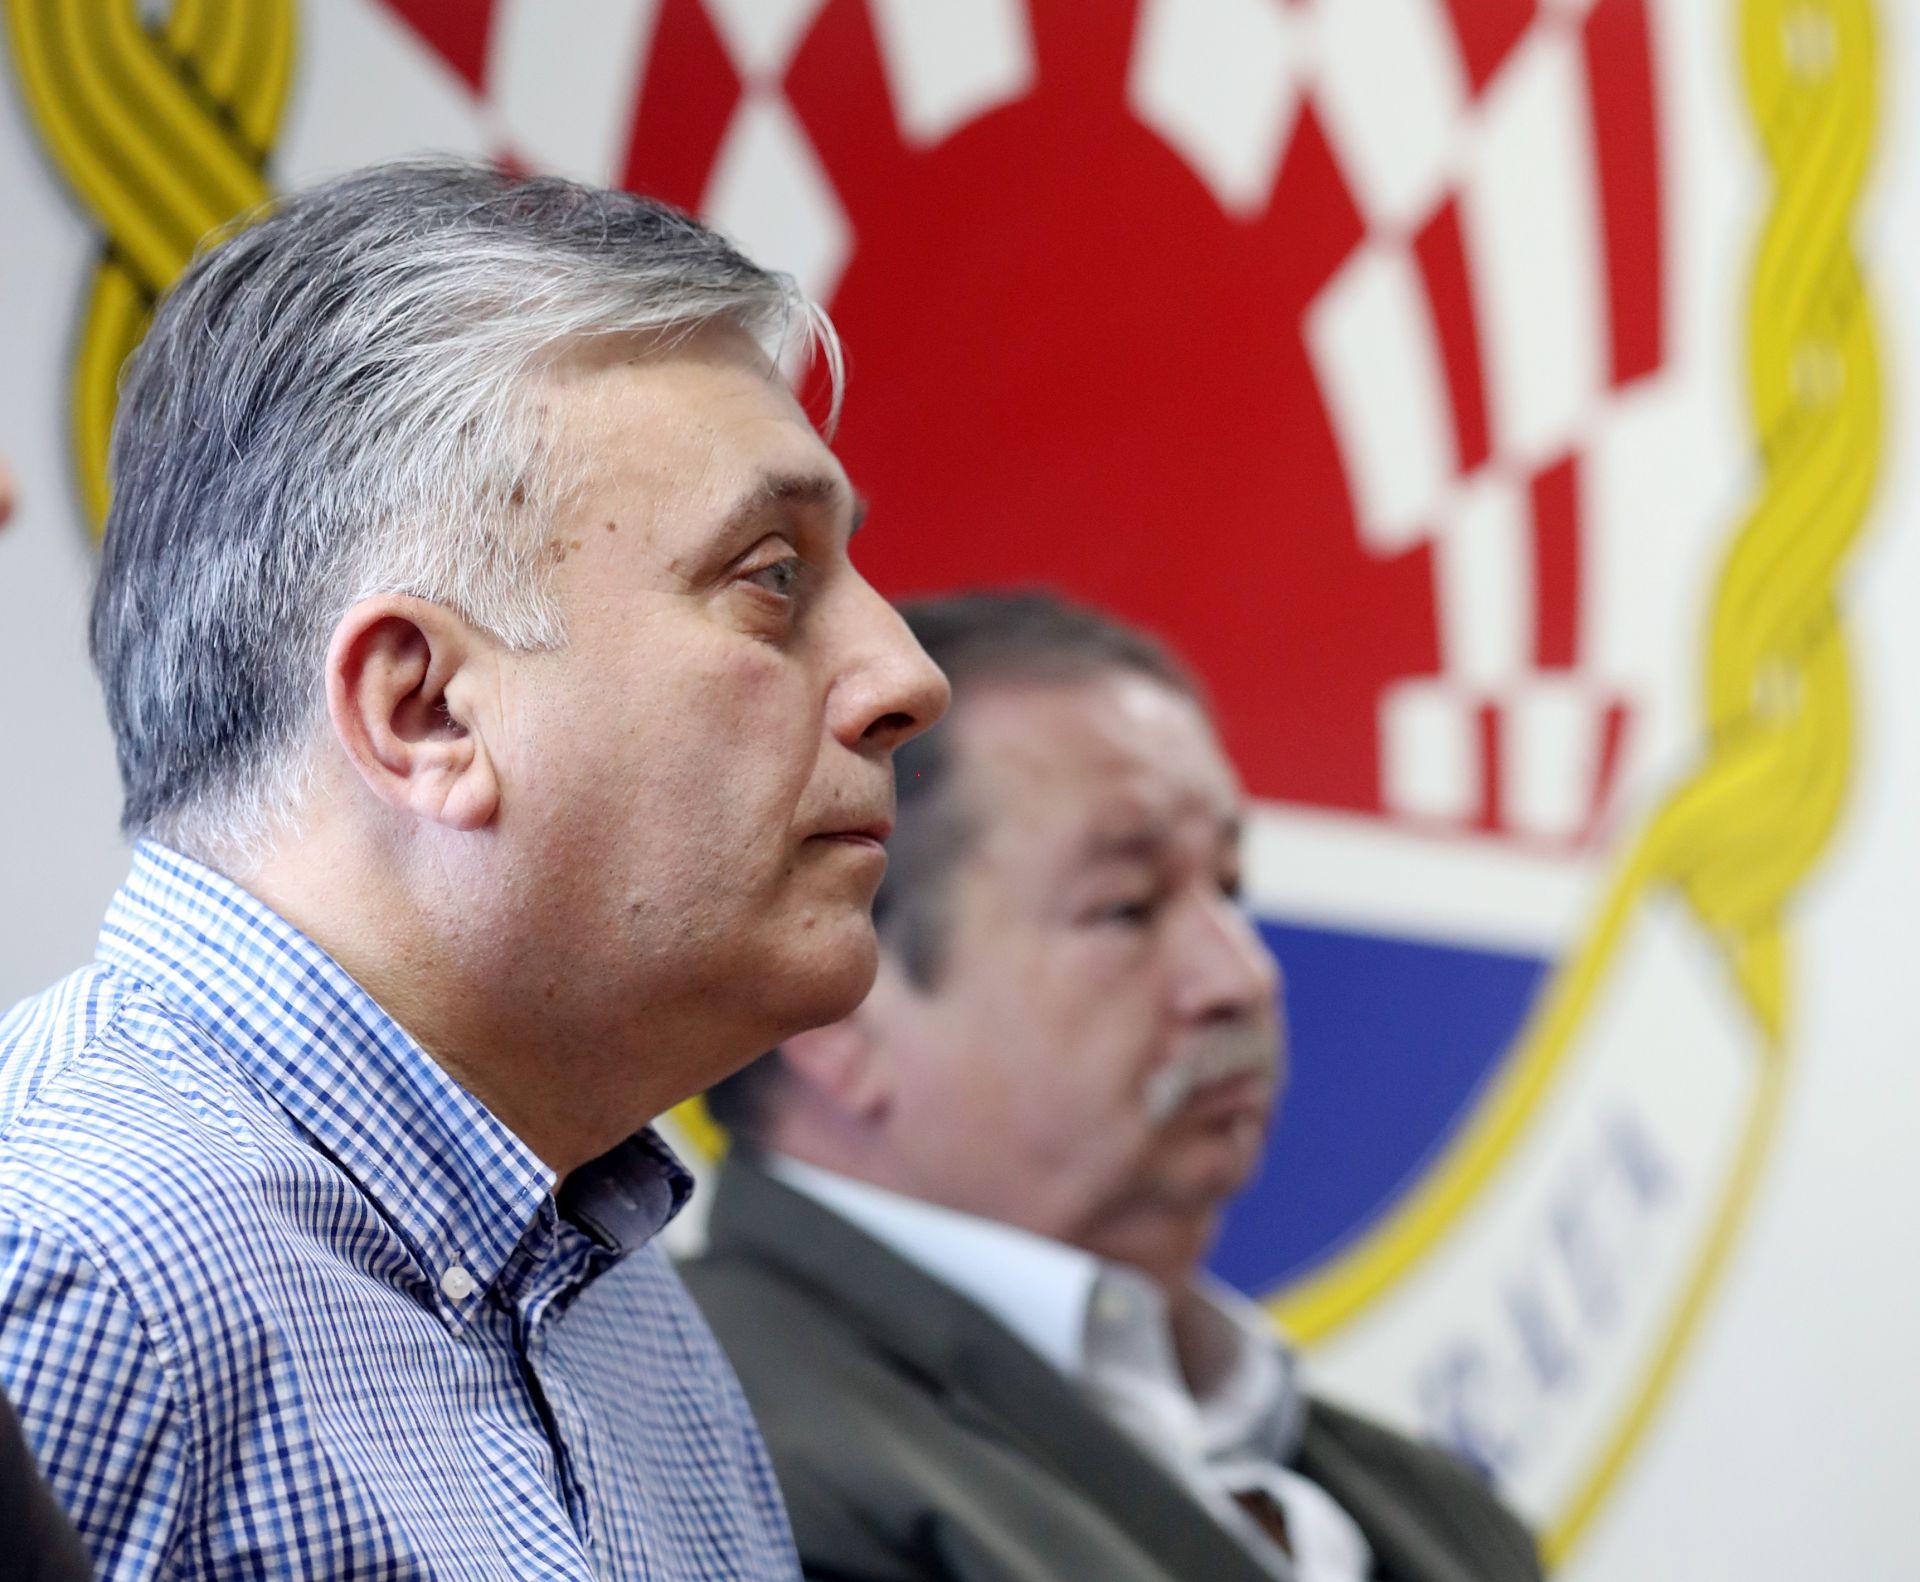 REAKCIJA NA OTVARANJE POGLAVLJA Glogoški: 'Okrenuli su leđa Domovinskom ratu'